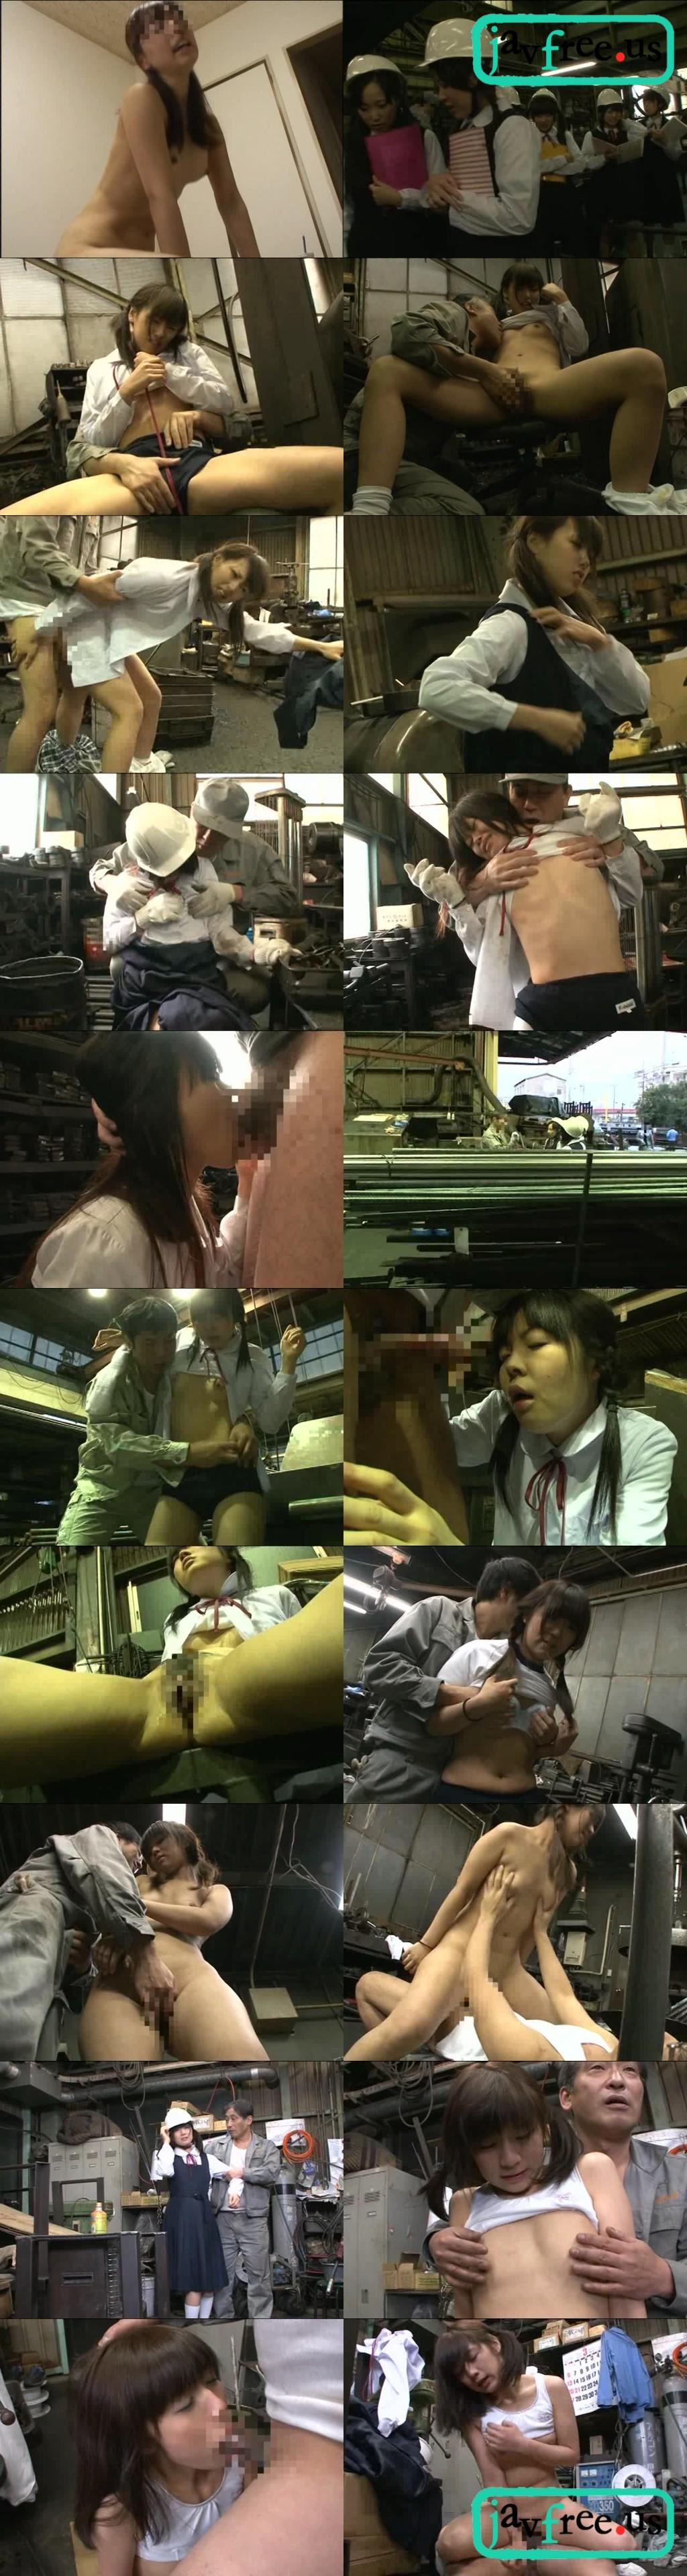 [HUNT 424] 工場見学でクラスメイトと少し離れて歩く「うぶな女の子」は、工員のおじさんにエッチなことをされても拒めない!! HUNT